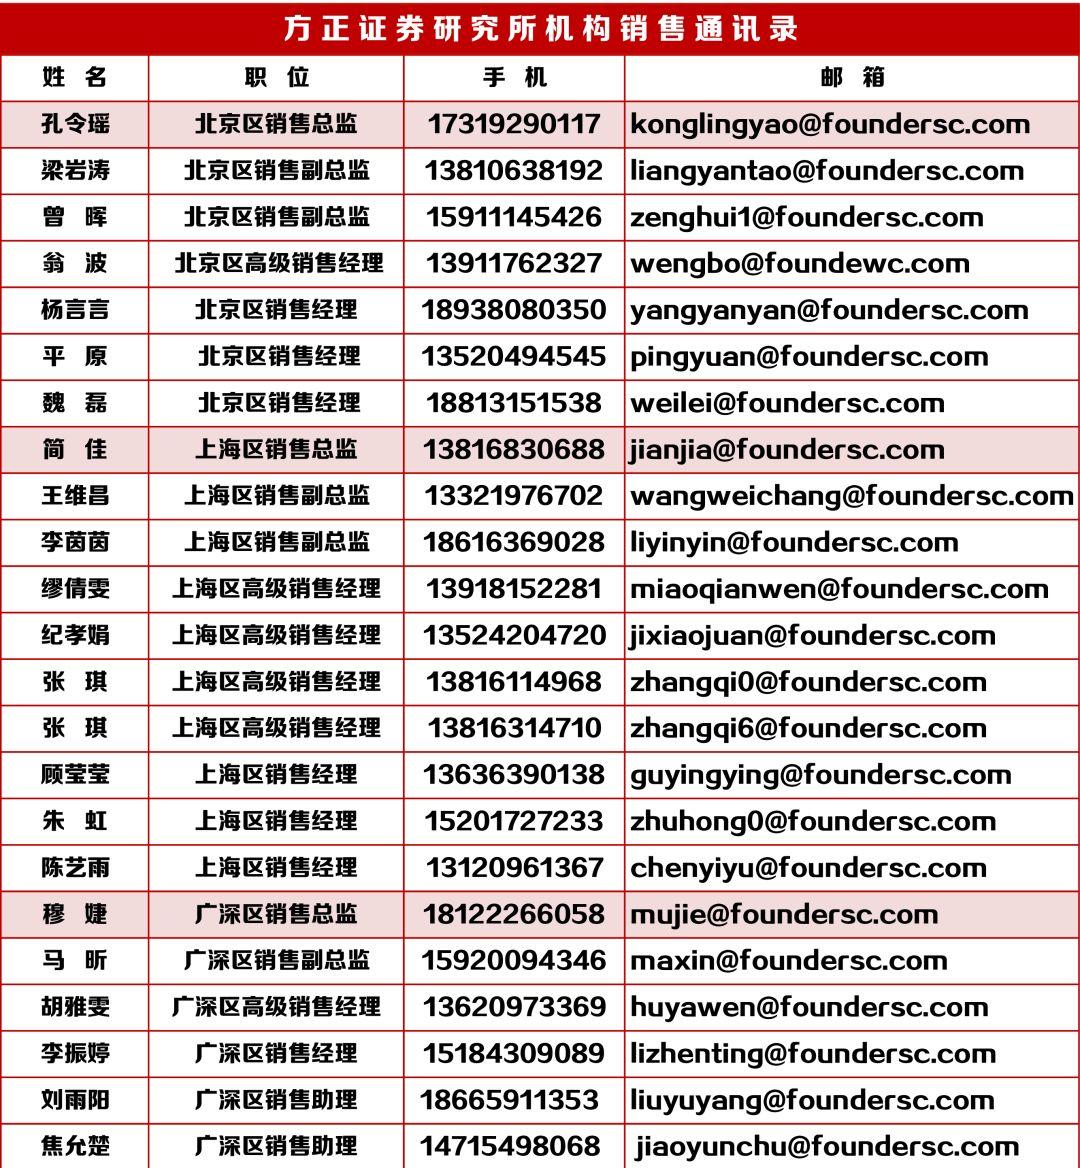 【军工丨段小虎】中航科工(2357.HK):拟收购中航直升机公司